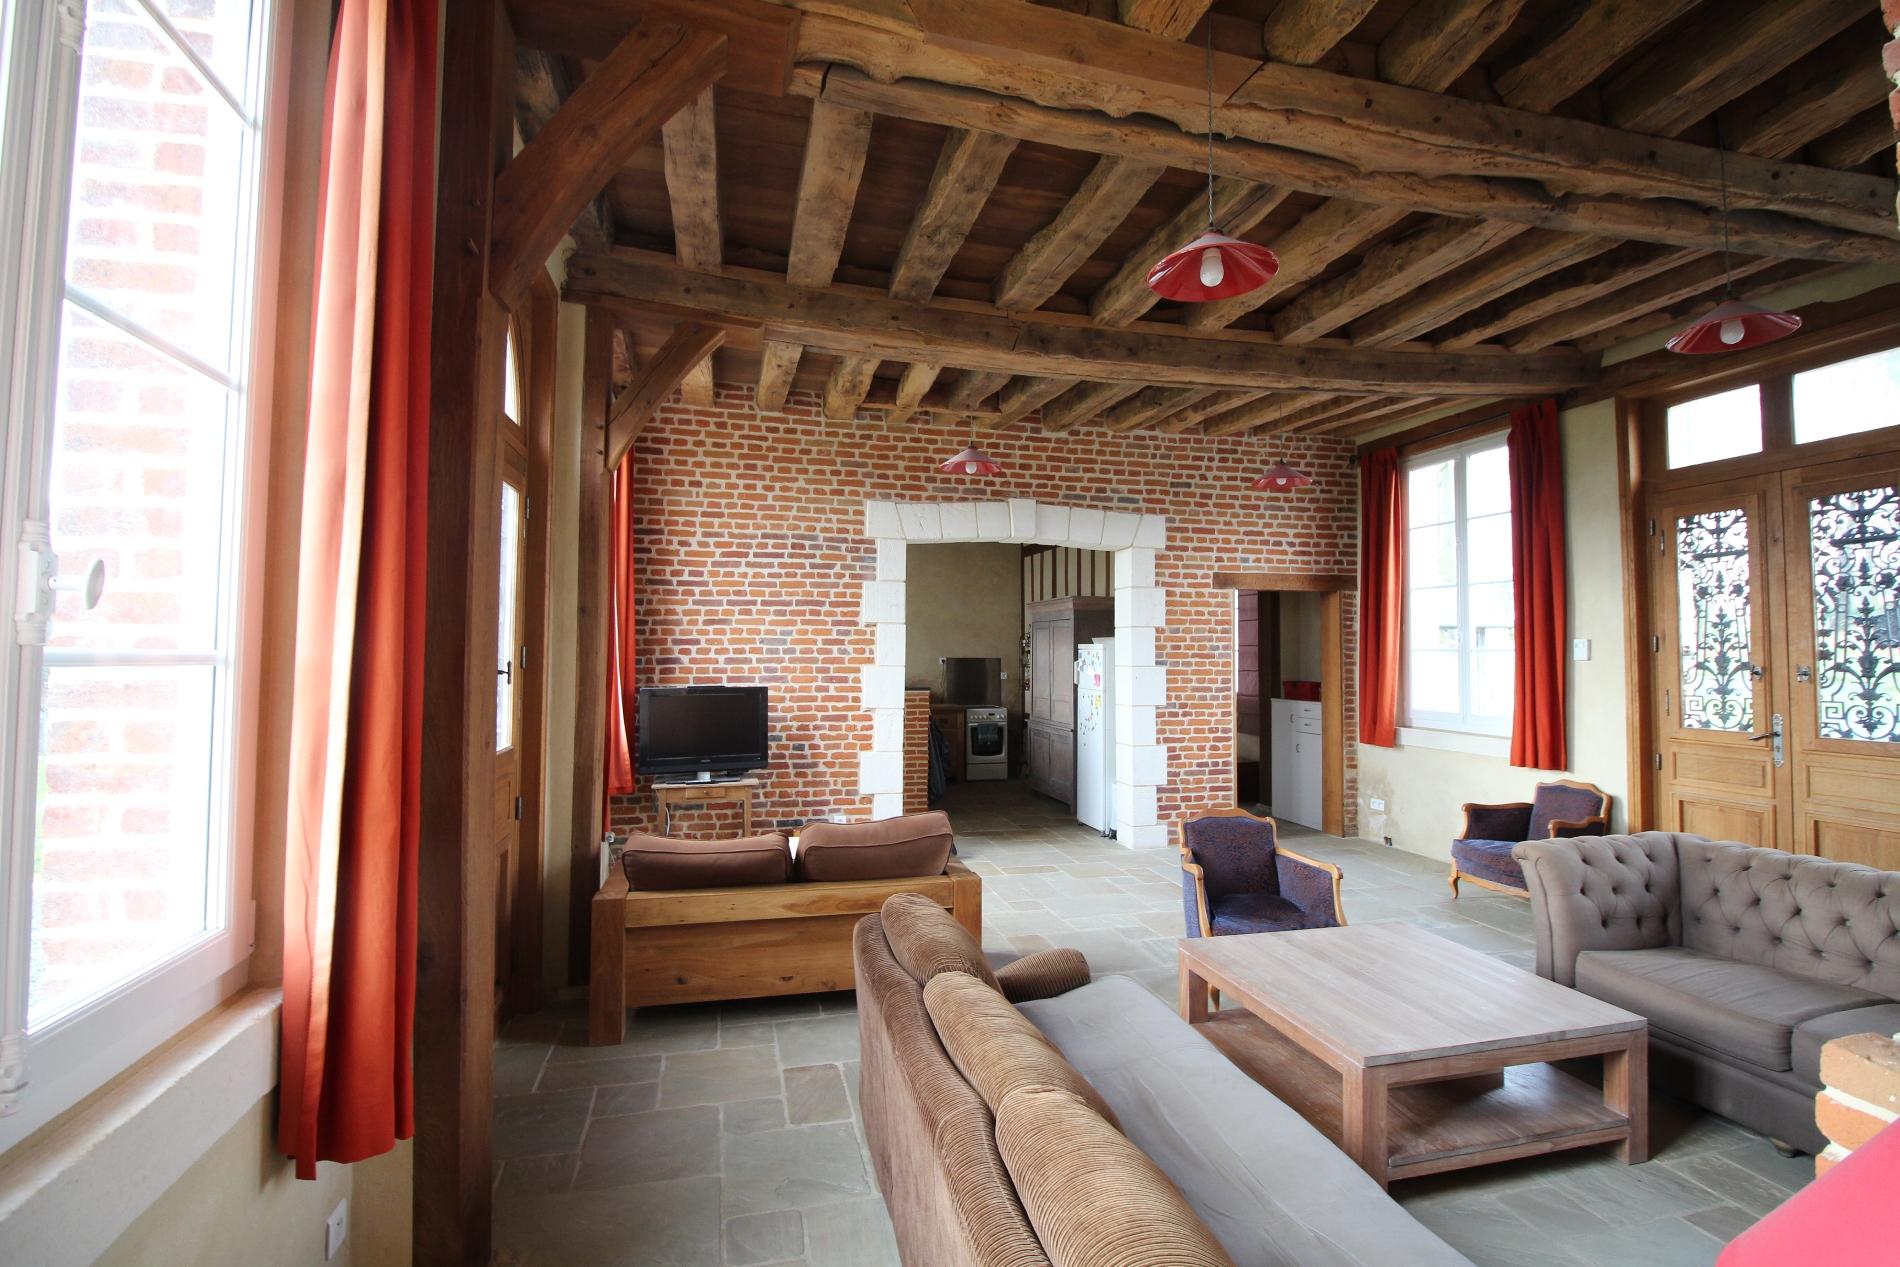 acheter vente d 39 une maison ancienne en briques et pierres campagne de caudebec en caux vall e de. Black Bedroom Furniture Sets. Home Design Ideas